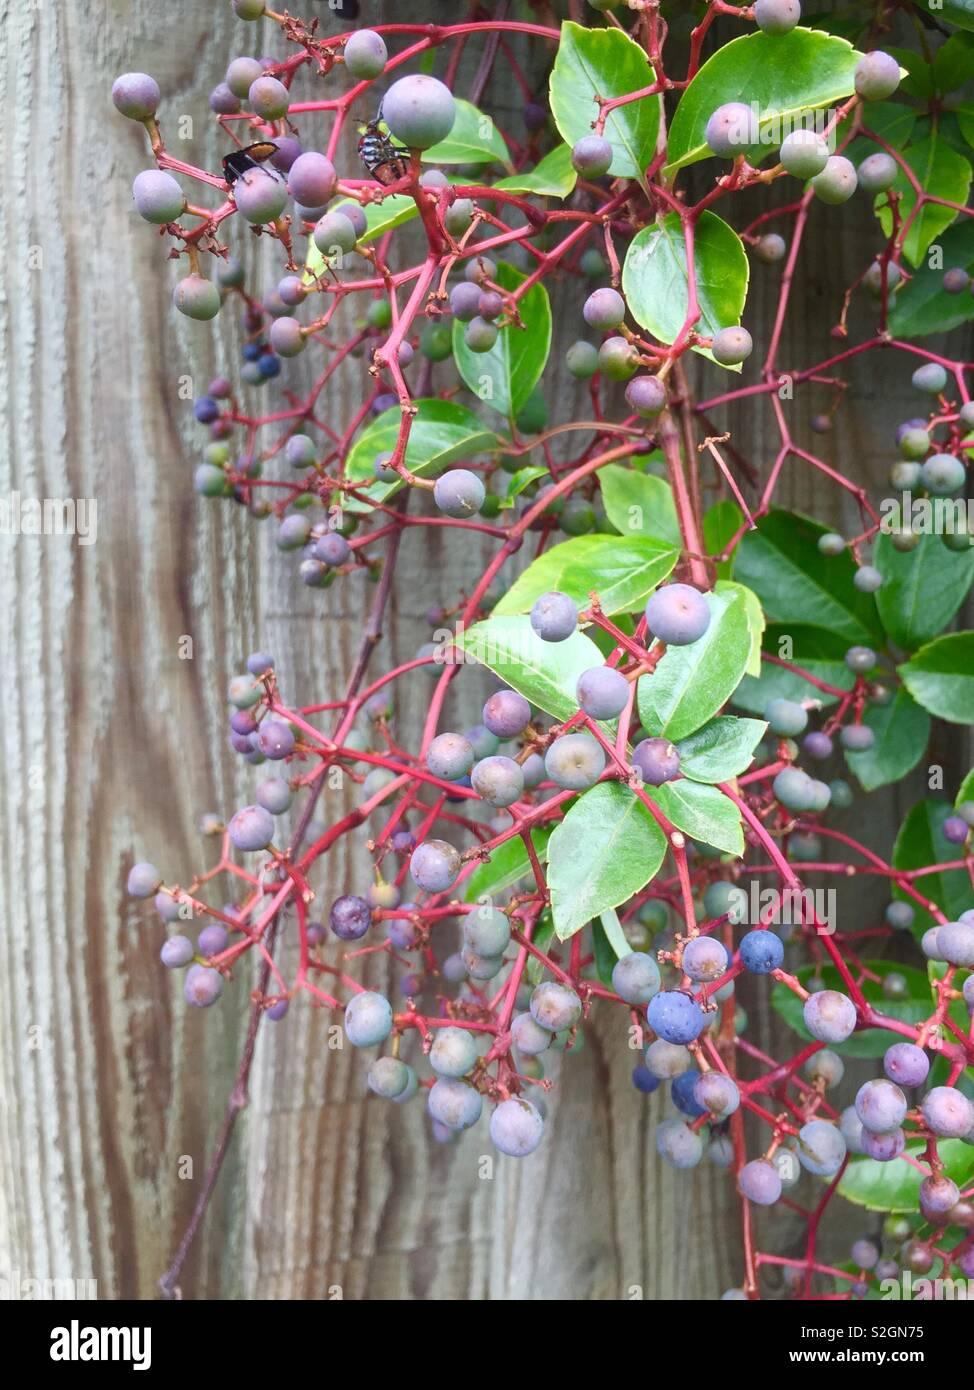 Virginia creeper, Parthenocissus quinquefolia, rampant climbing plant, with blue-black berries in autumn. Vitaceae. Ornamental, not edible. London UK - Stock Image